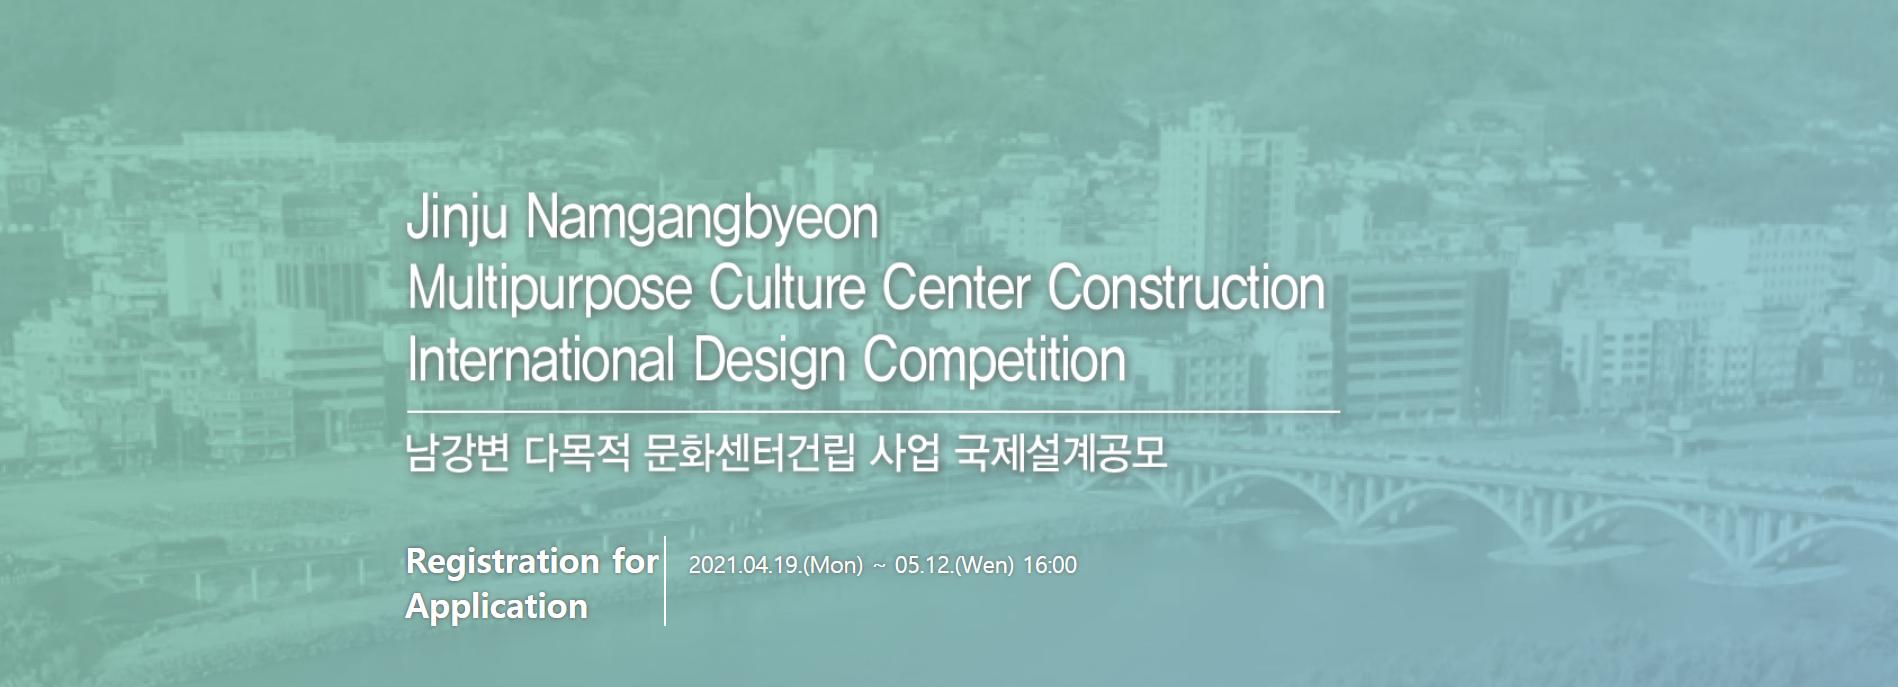 韩国晋州南江边多功能文化中心建筑设计国际竞赛